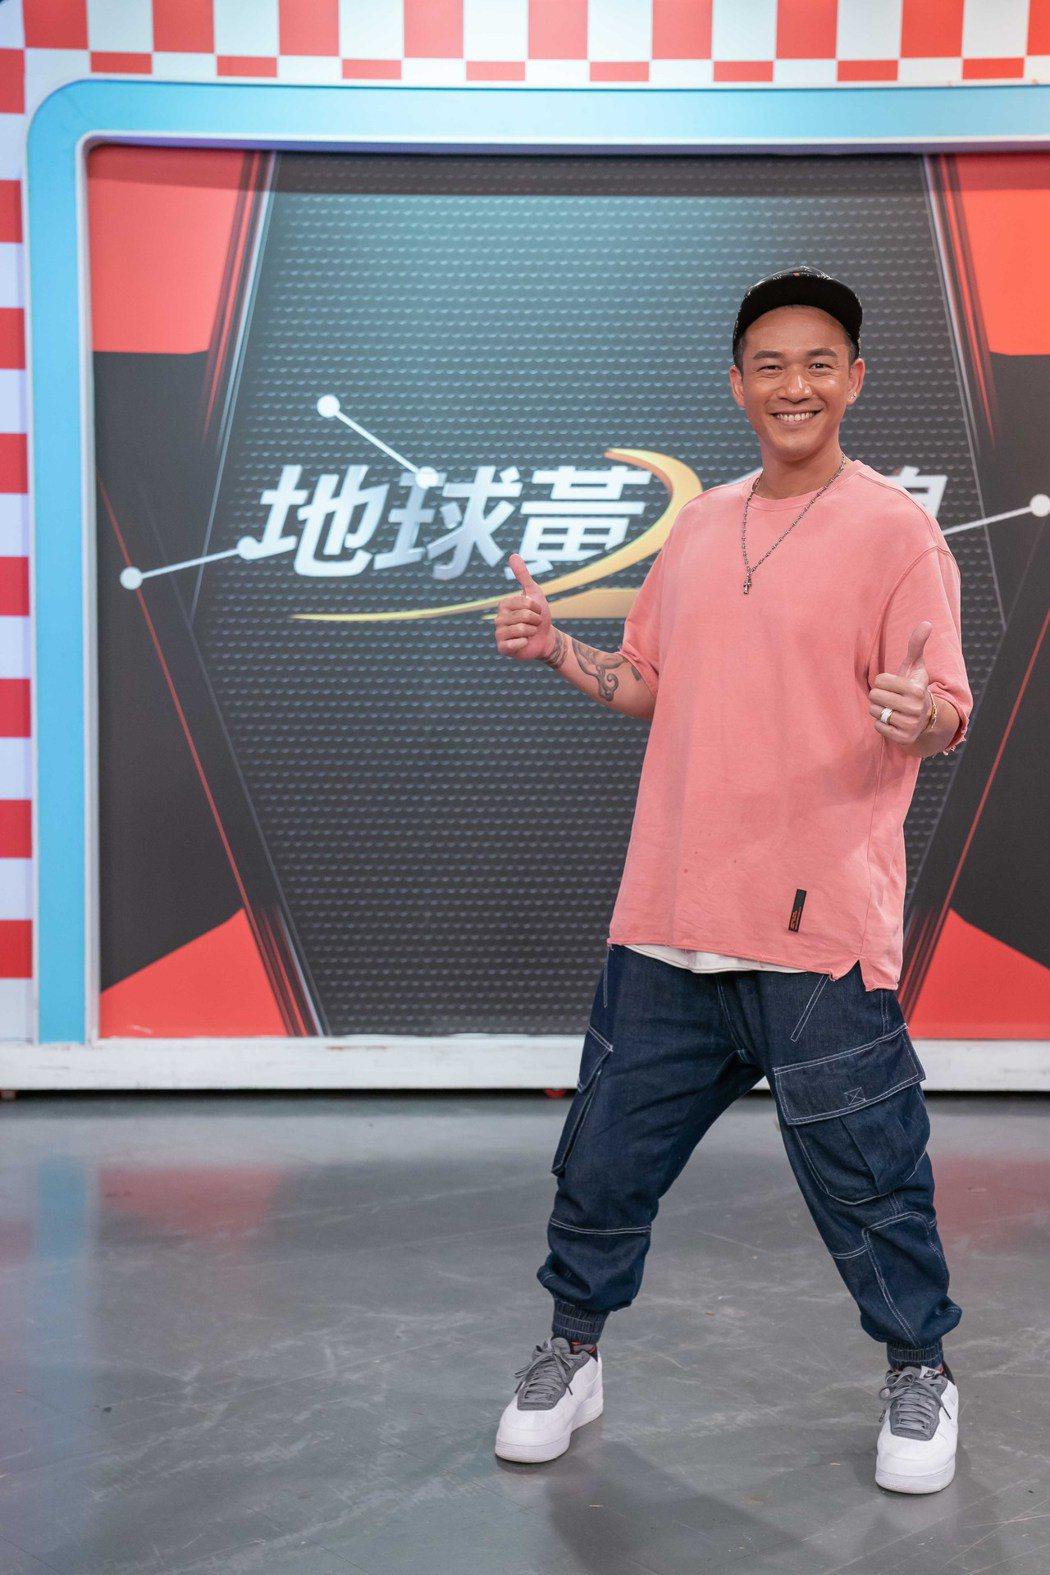 阿Ben日前上TVBS「地球黃金線」。圖/TVBS提供